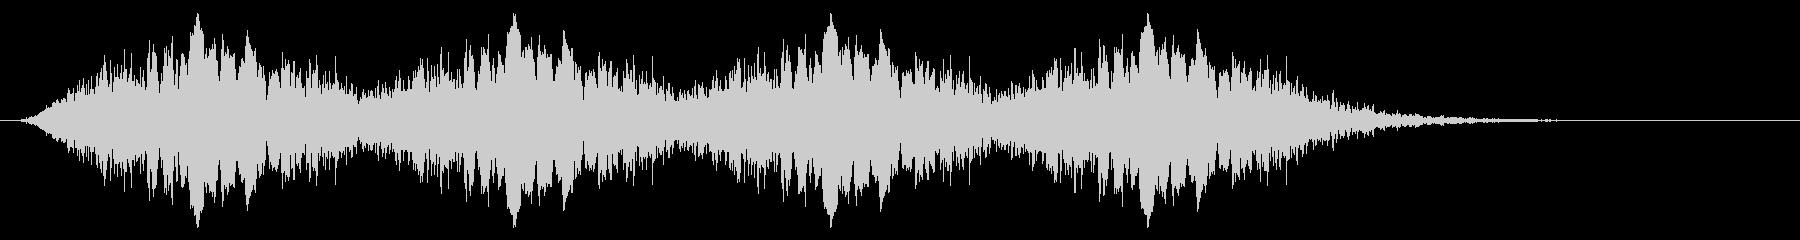 警告音 サイレン02-10(リバーブ 速の未再生の波形